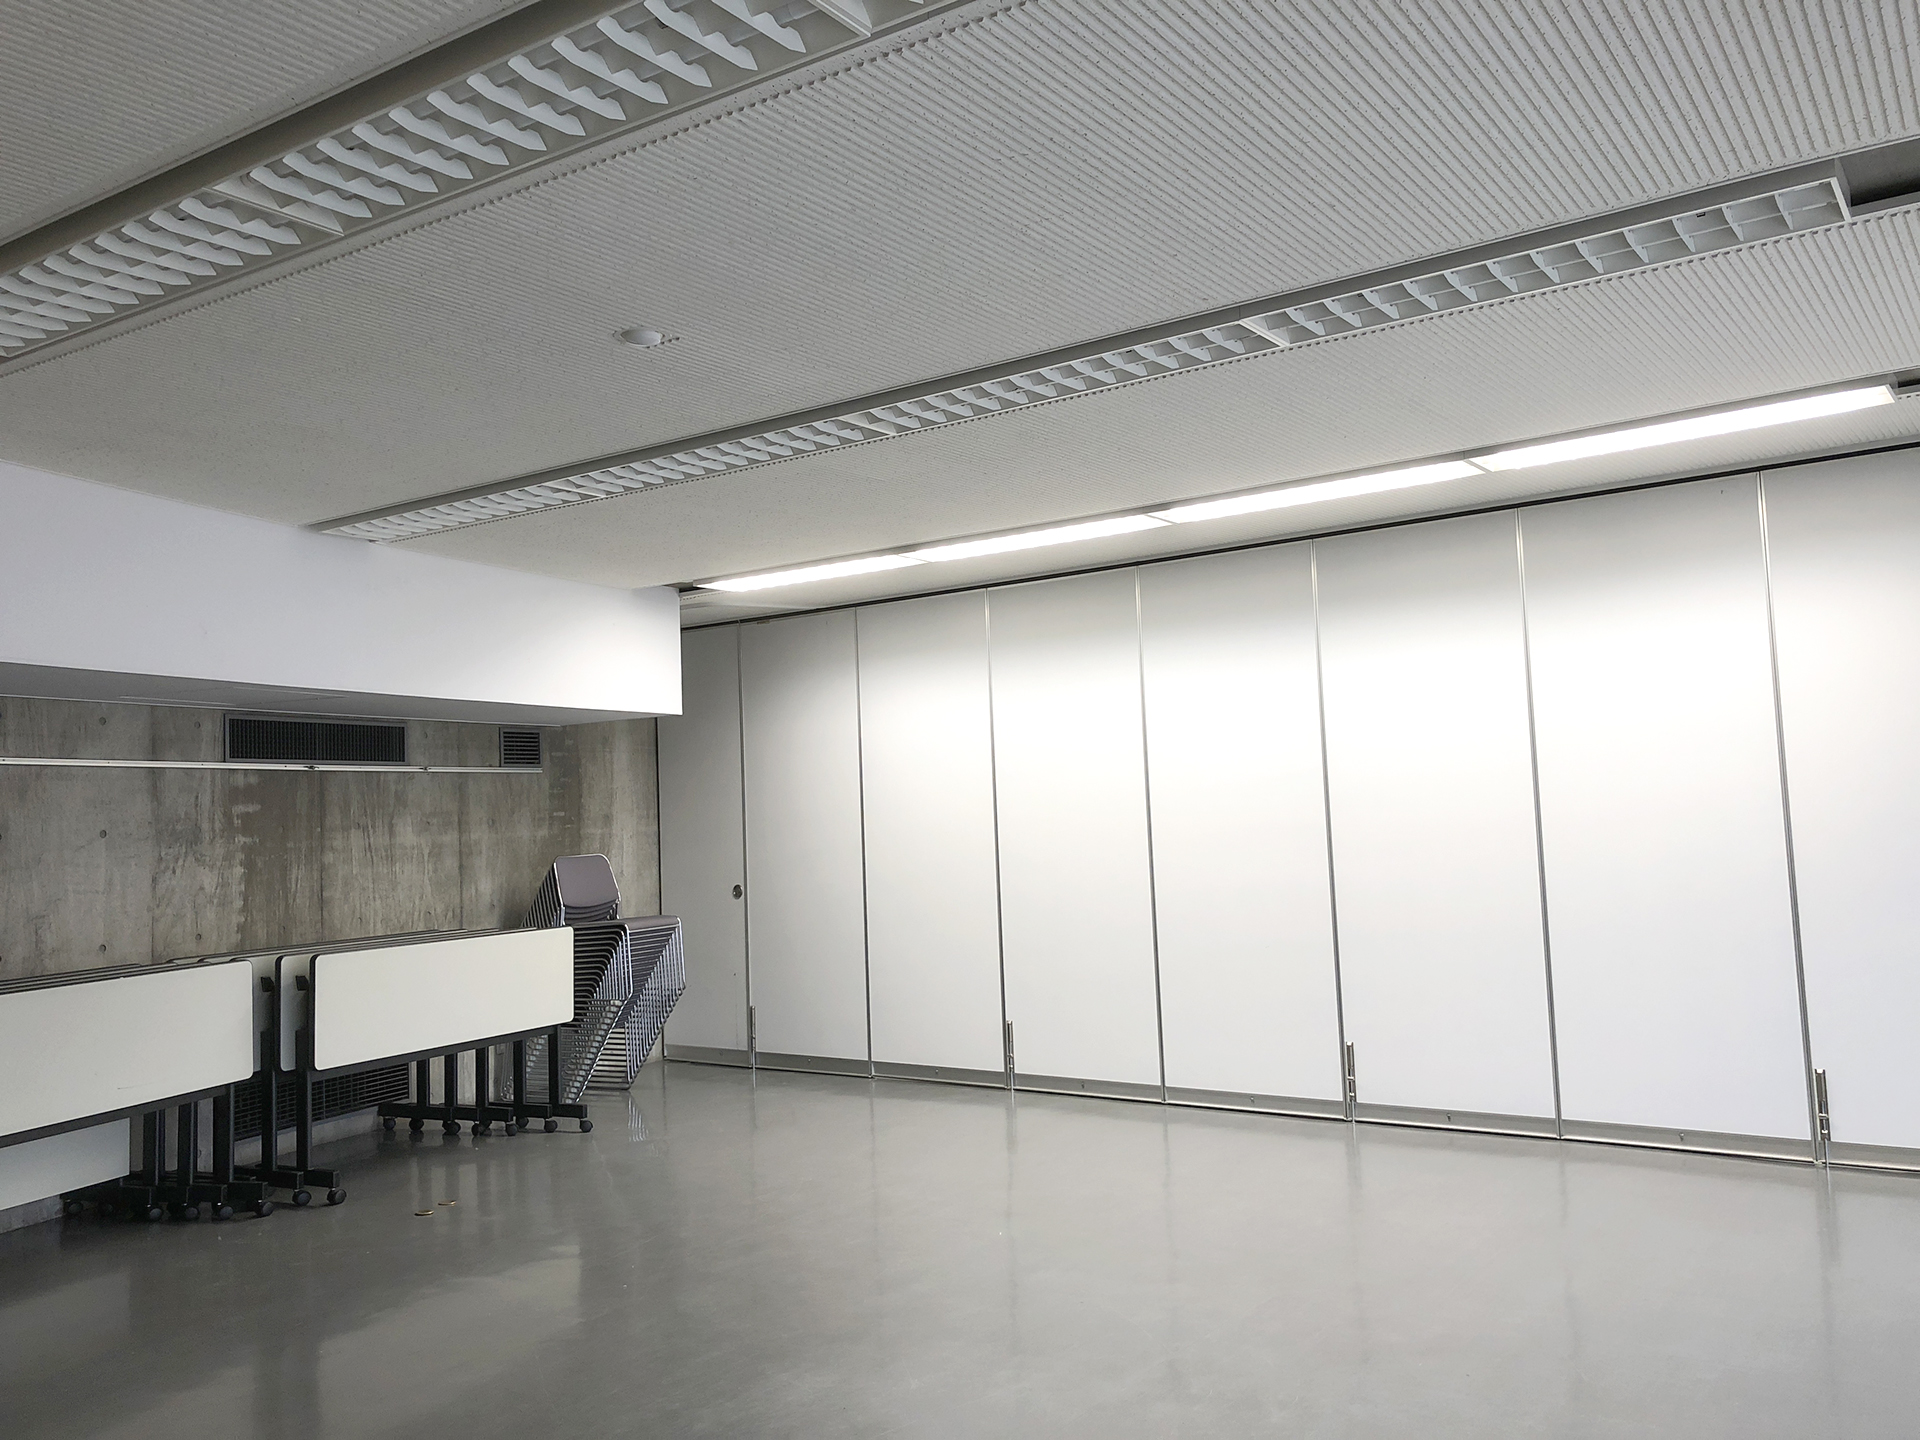 新しいロケ場所候補のミーティングルーム